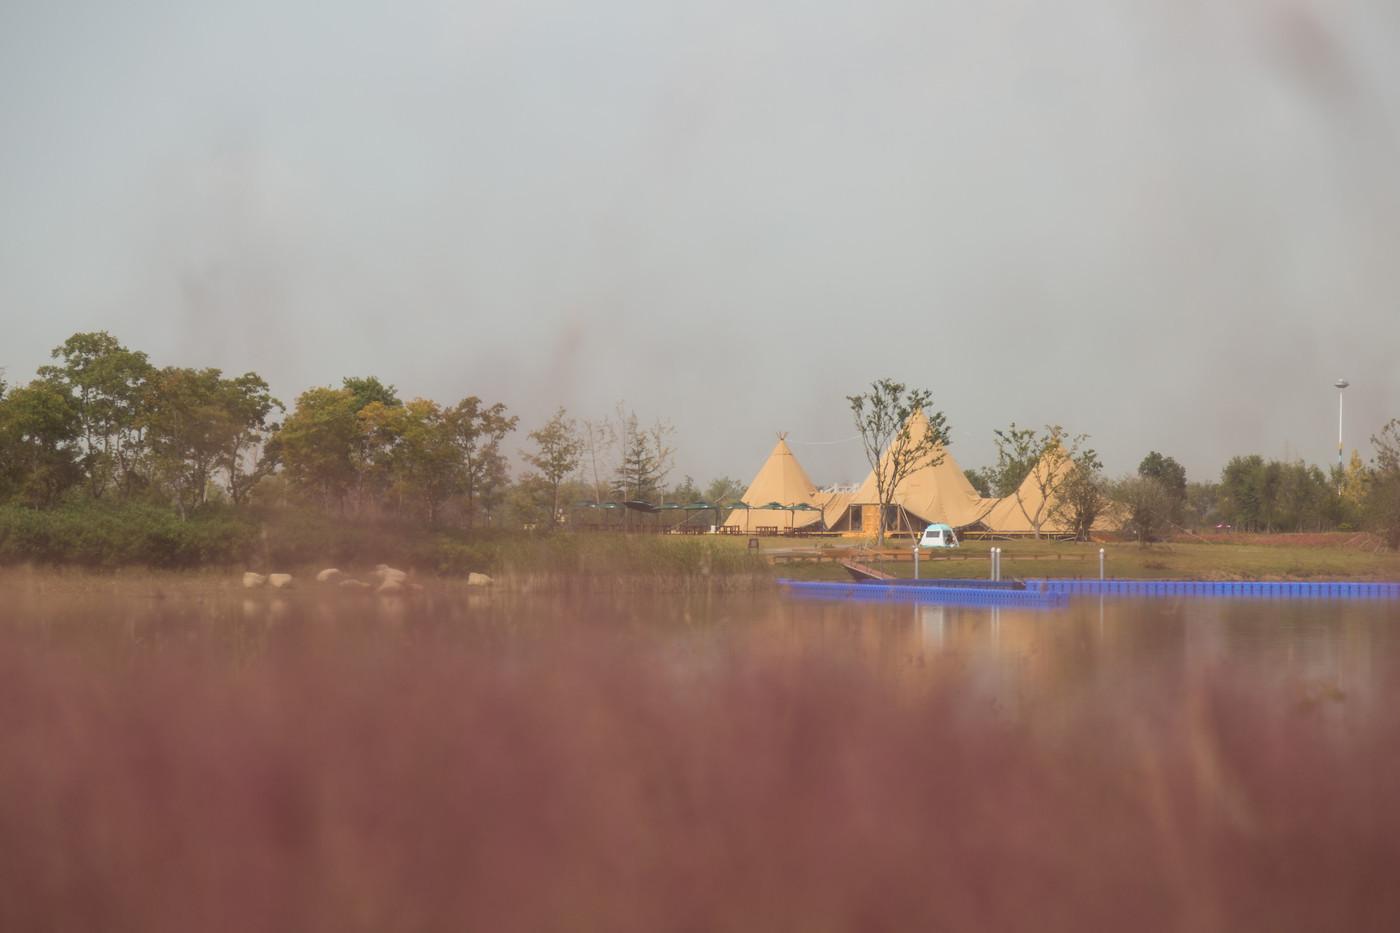 喜马拉雅印第安多功能大厅—淮安白马湖生态旅游度假区12